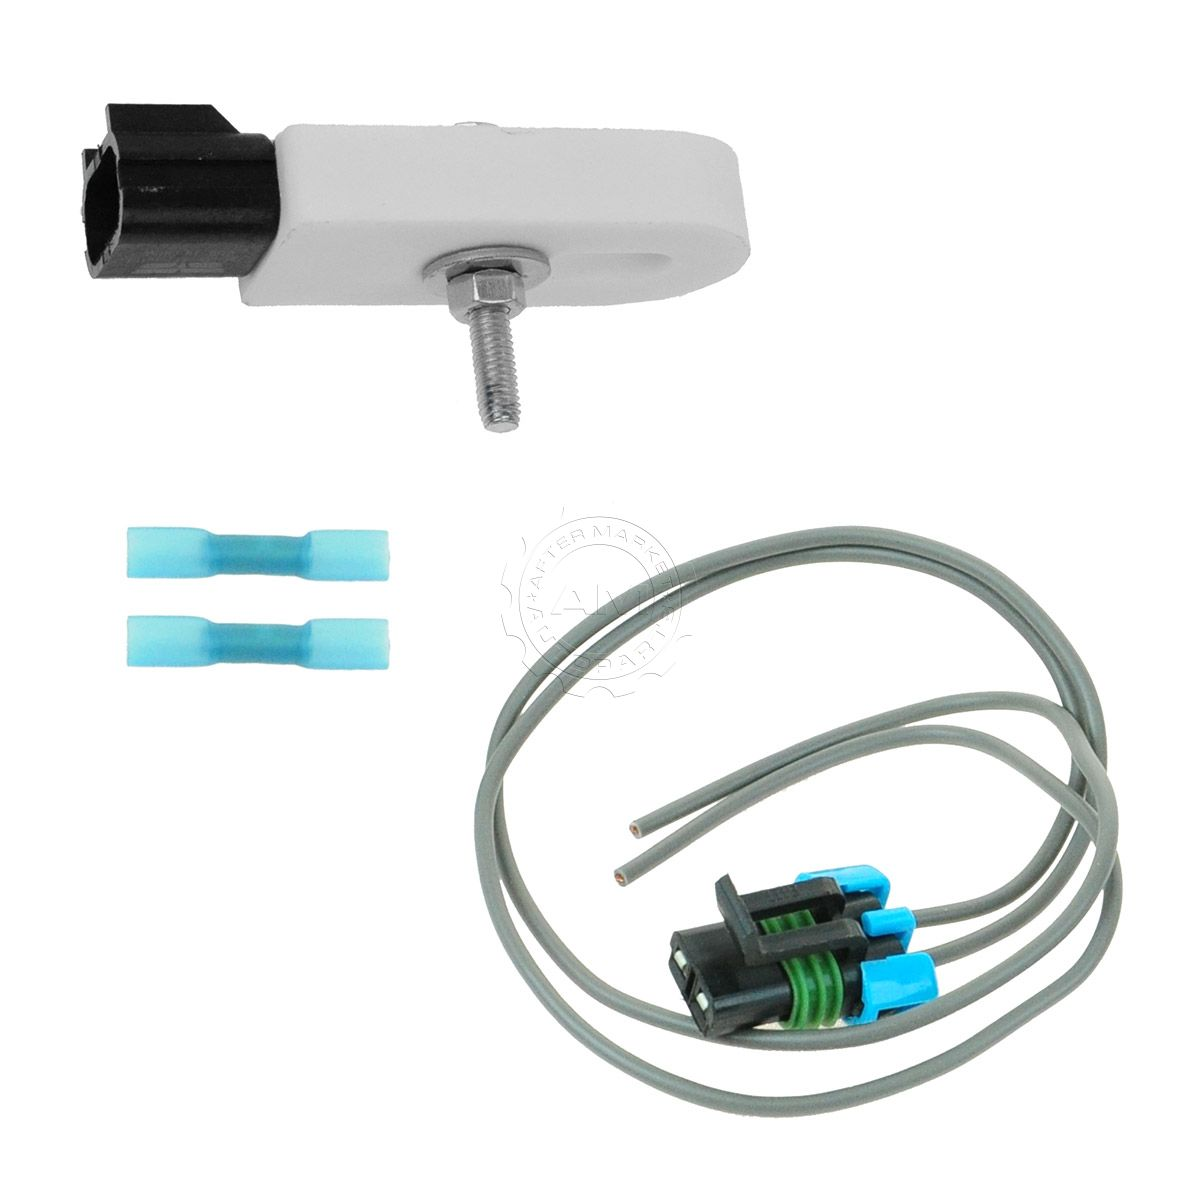 Dorman Daytime Running Light Resistor w/ Wiring for GM   eBay